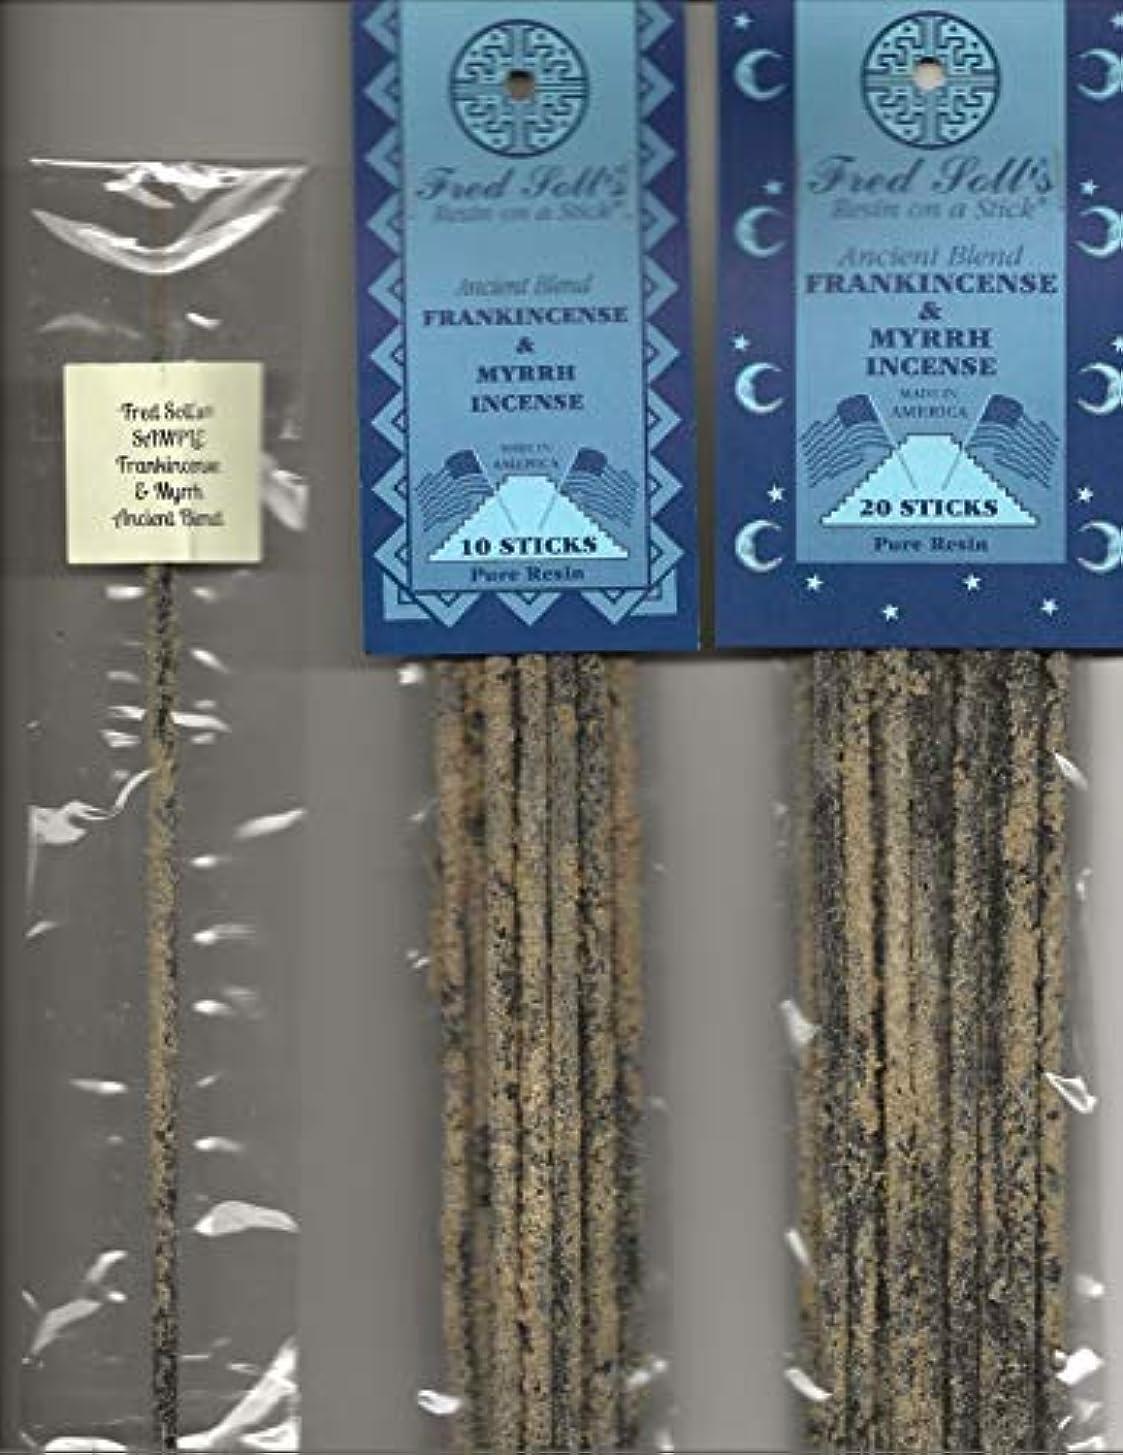 コア広範囲枠FRED SOLL'S 樹脂 スティック 乳香&ミルラ 古代のブレンド